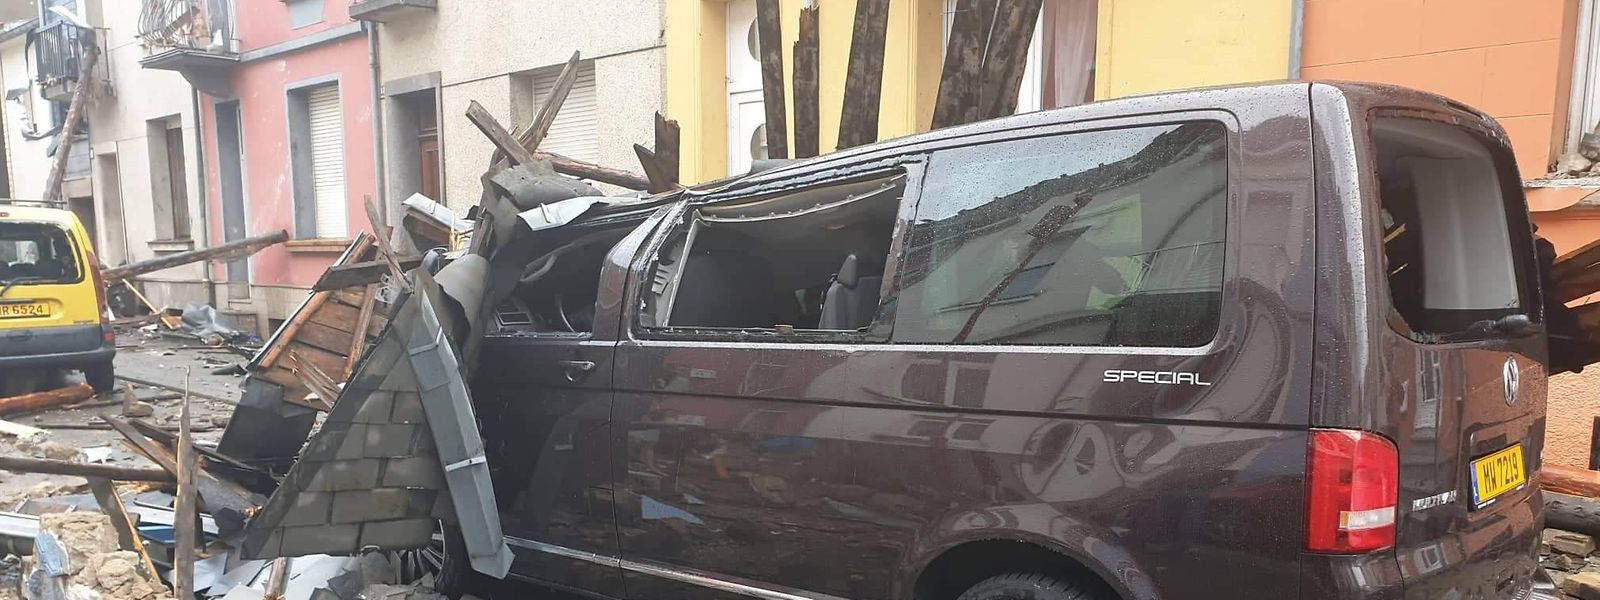 Des dizaines de voitures ont été endommagées par des débris.